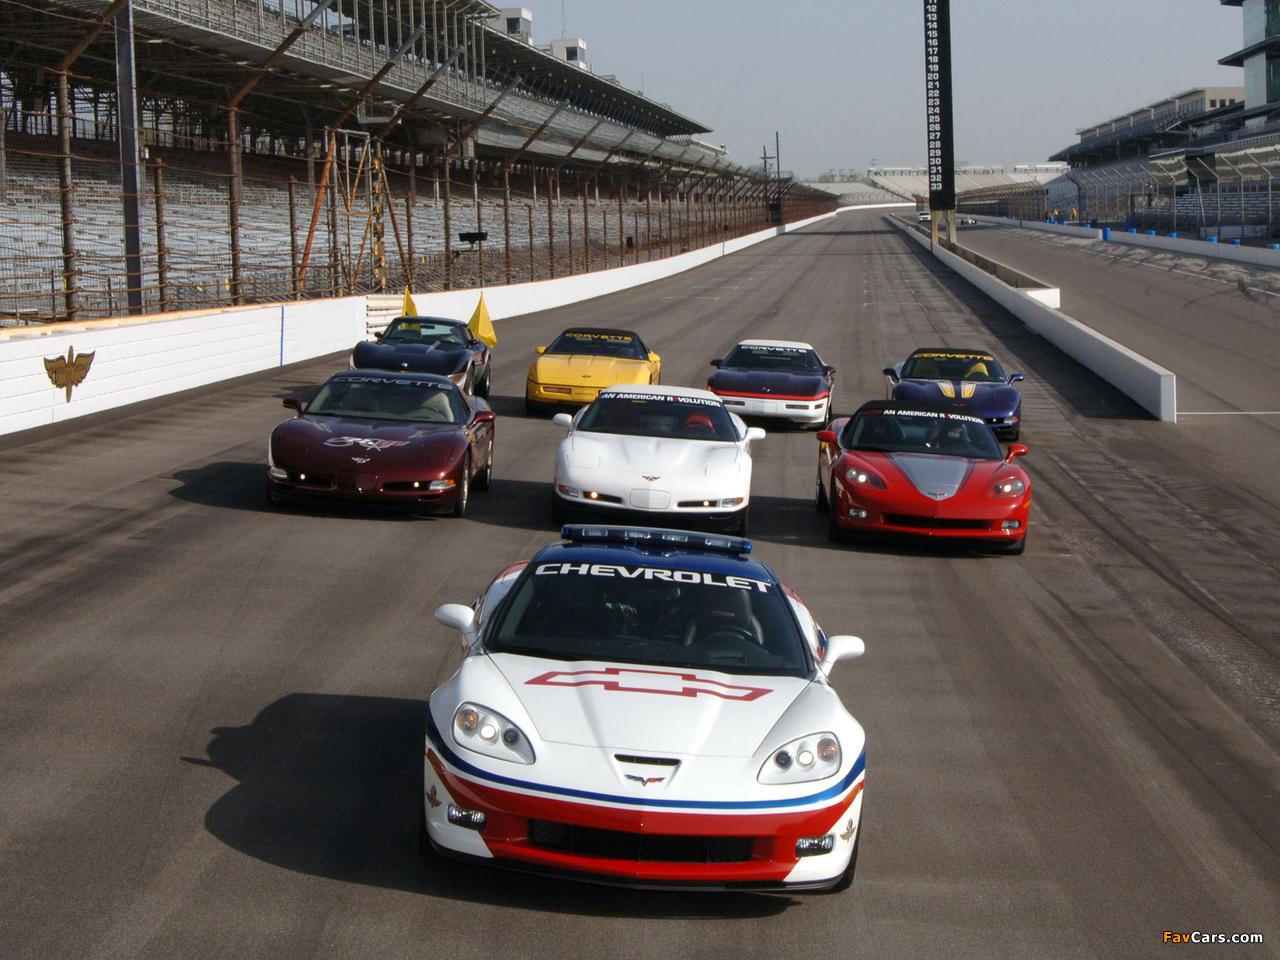 Corvette images (1280 x 960)